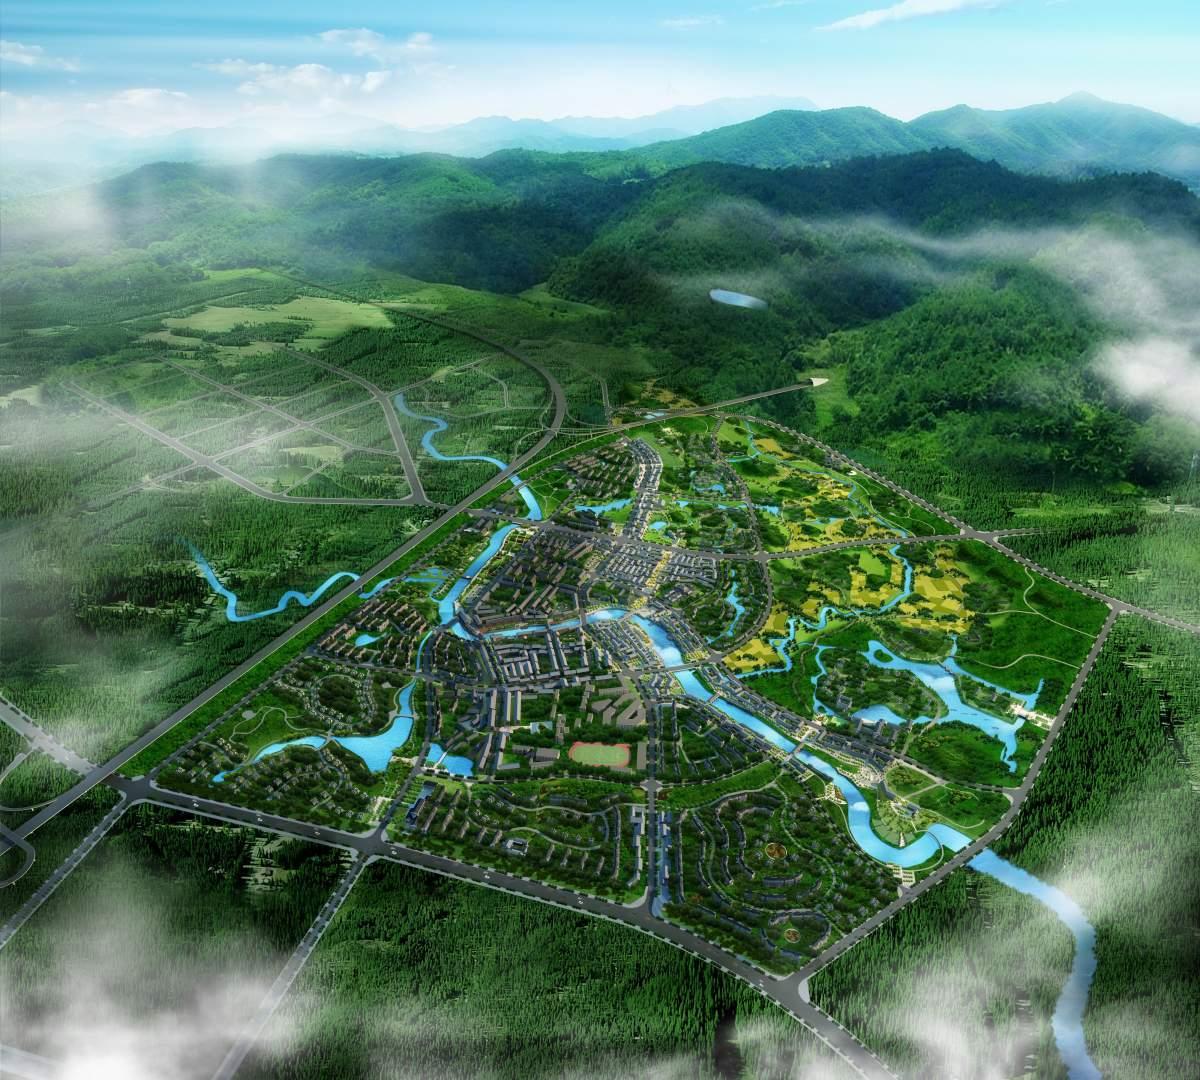 壁山来凤城市规划